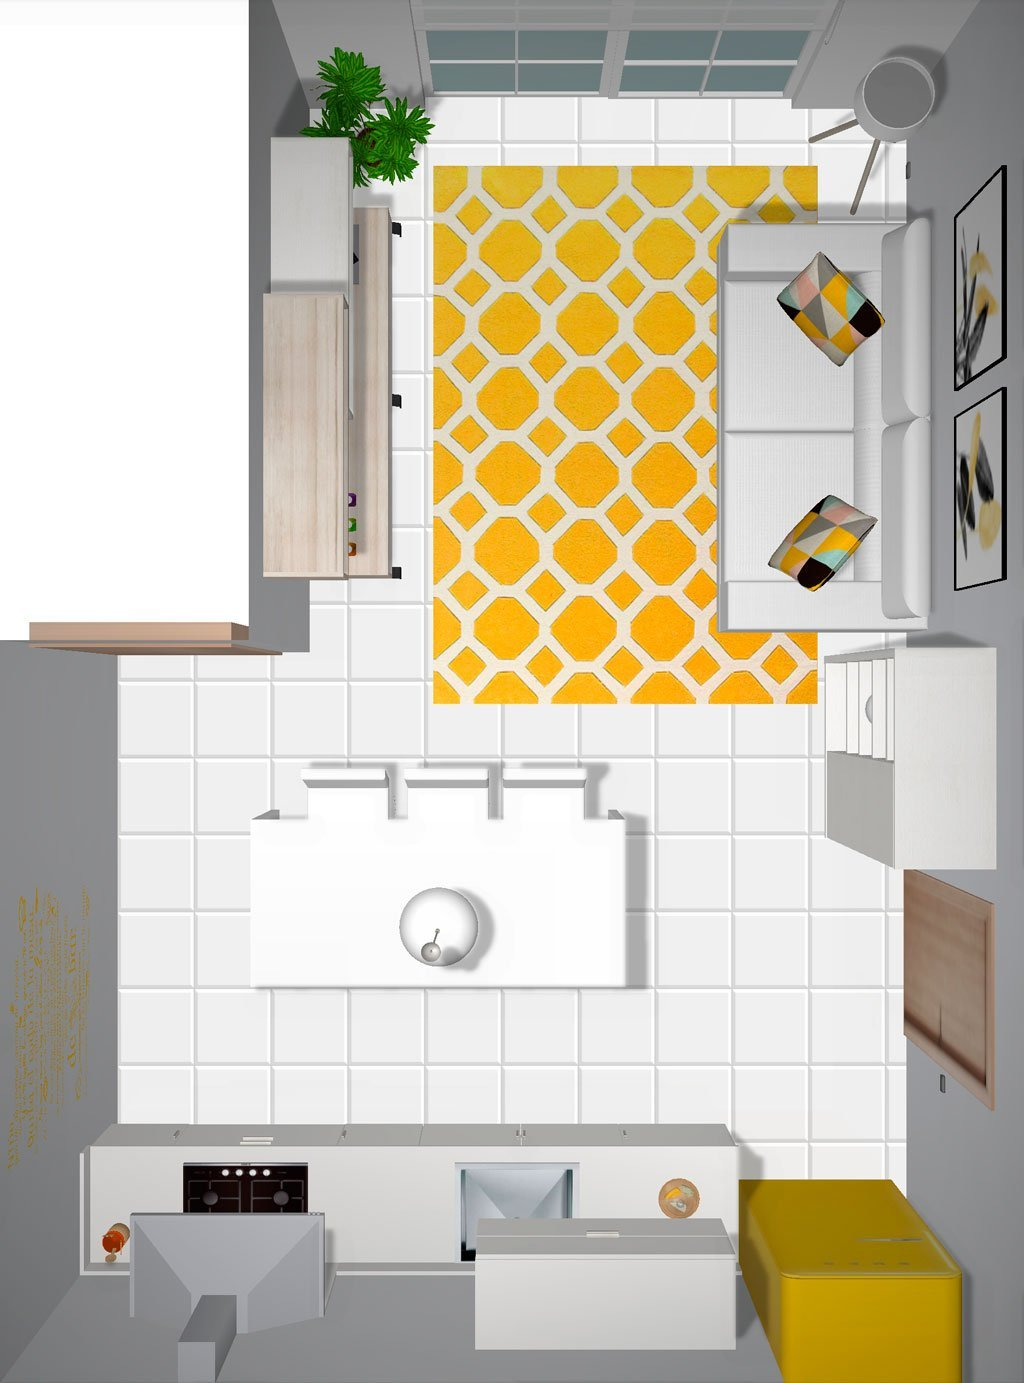 Vista superior del proyecto 3D del salón con cocina abierta